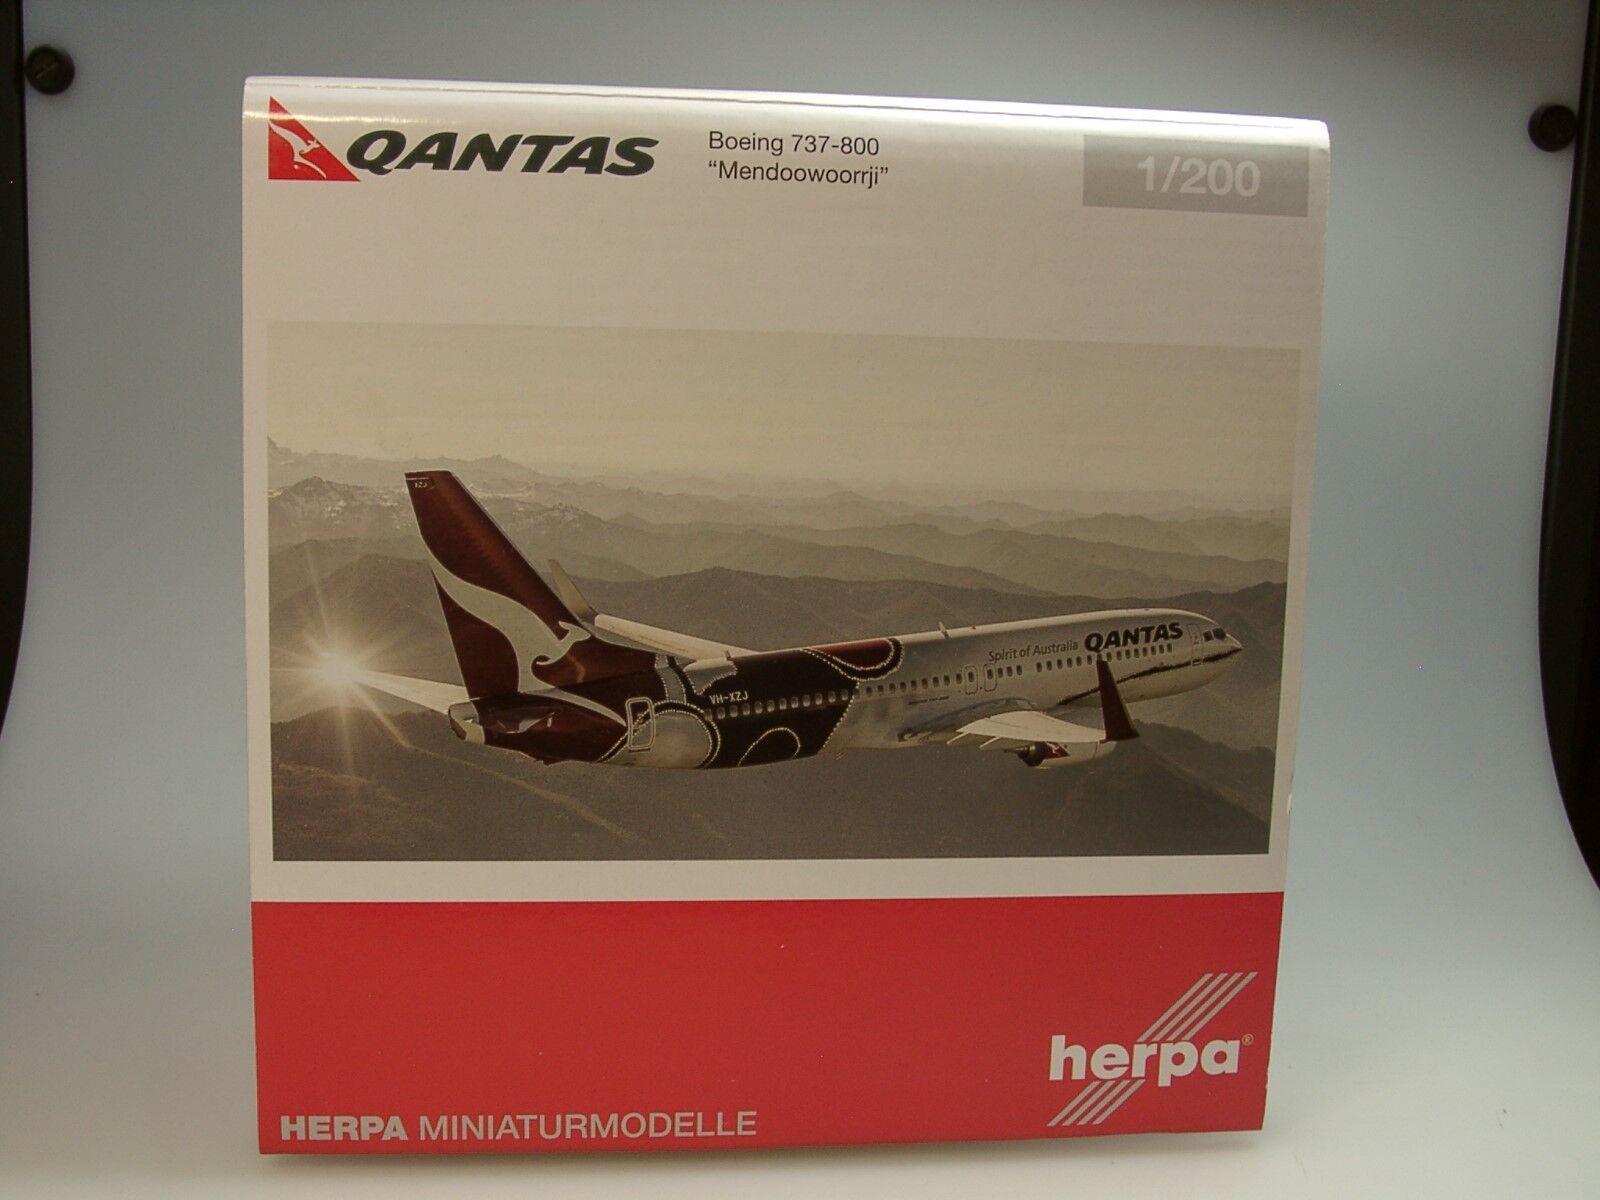 HERPA WINGS Boeing 737-800 Qantas  Mendoowoorrji  - 556491 - 1 200